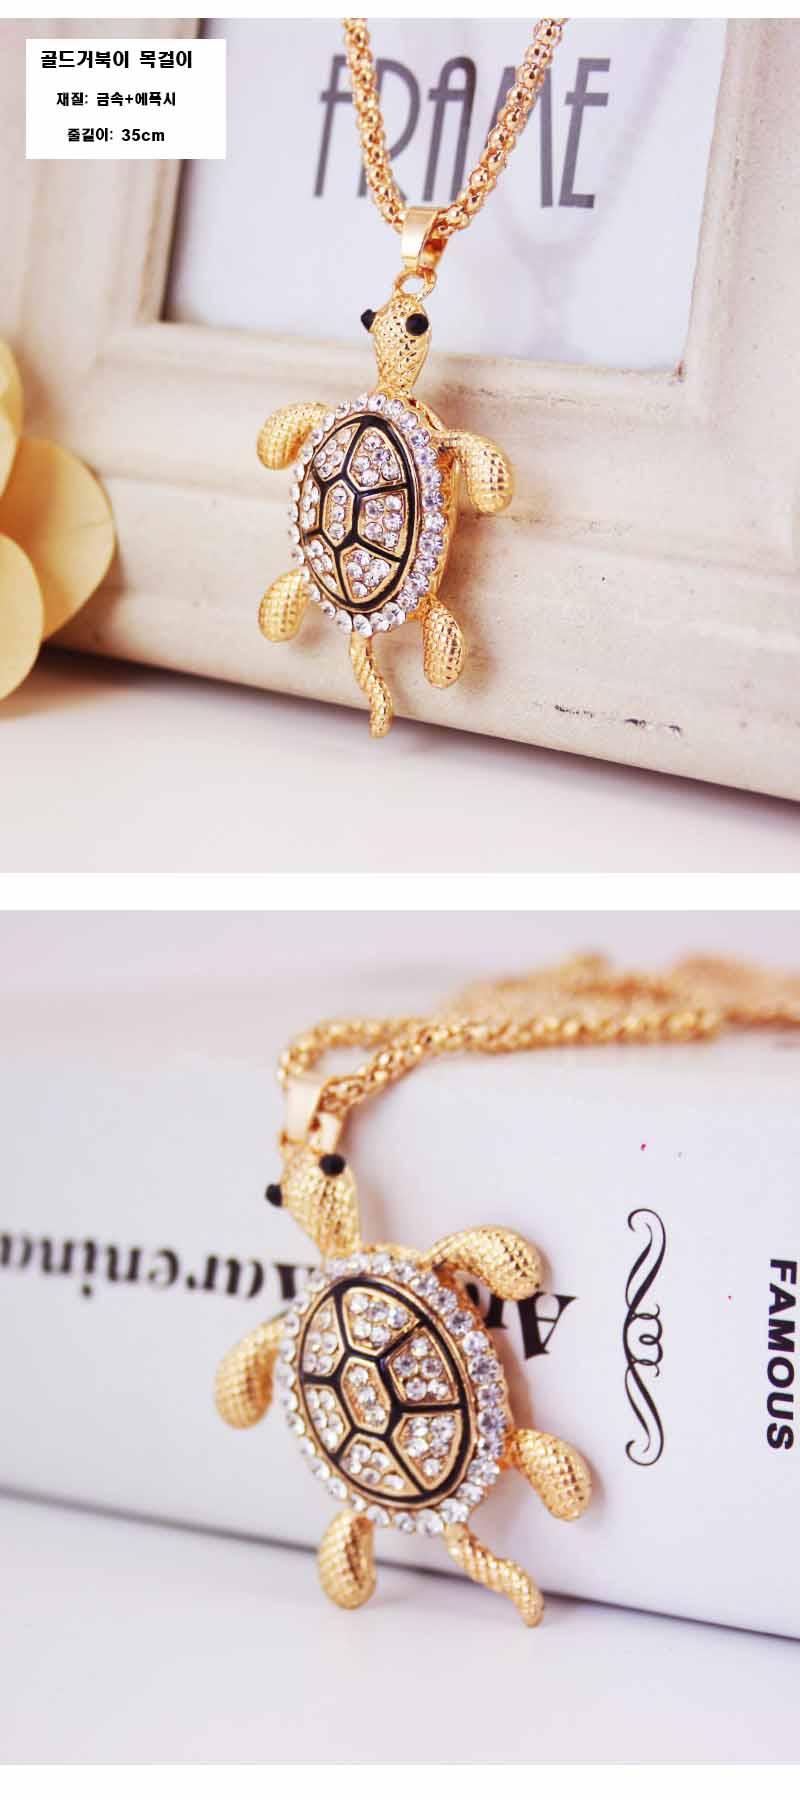 푸른봉황 목걸이 - 디아이와이데코, 12,000원, 패션, 패션목걸이